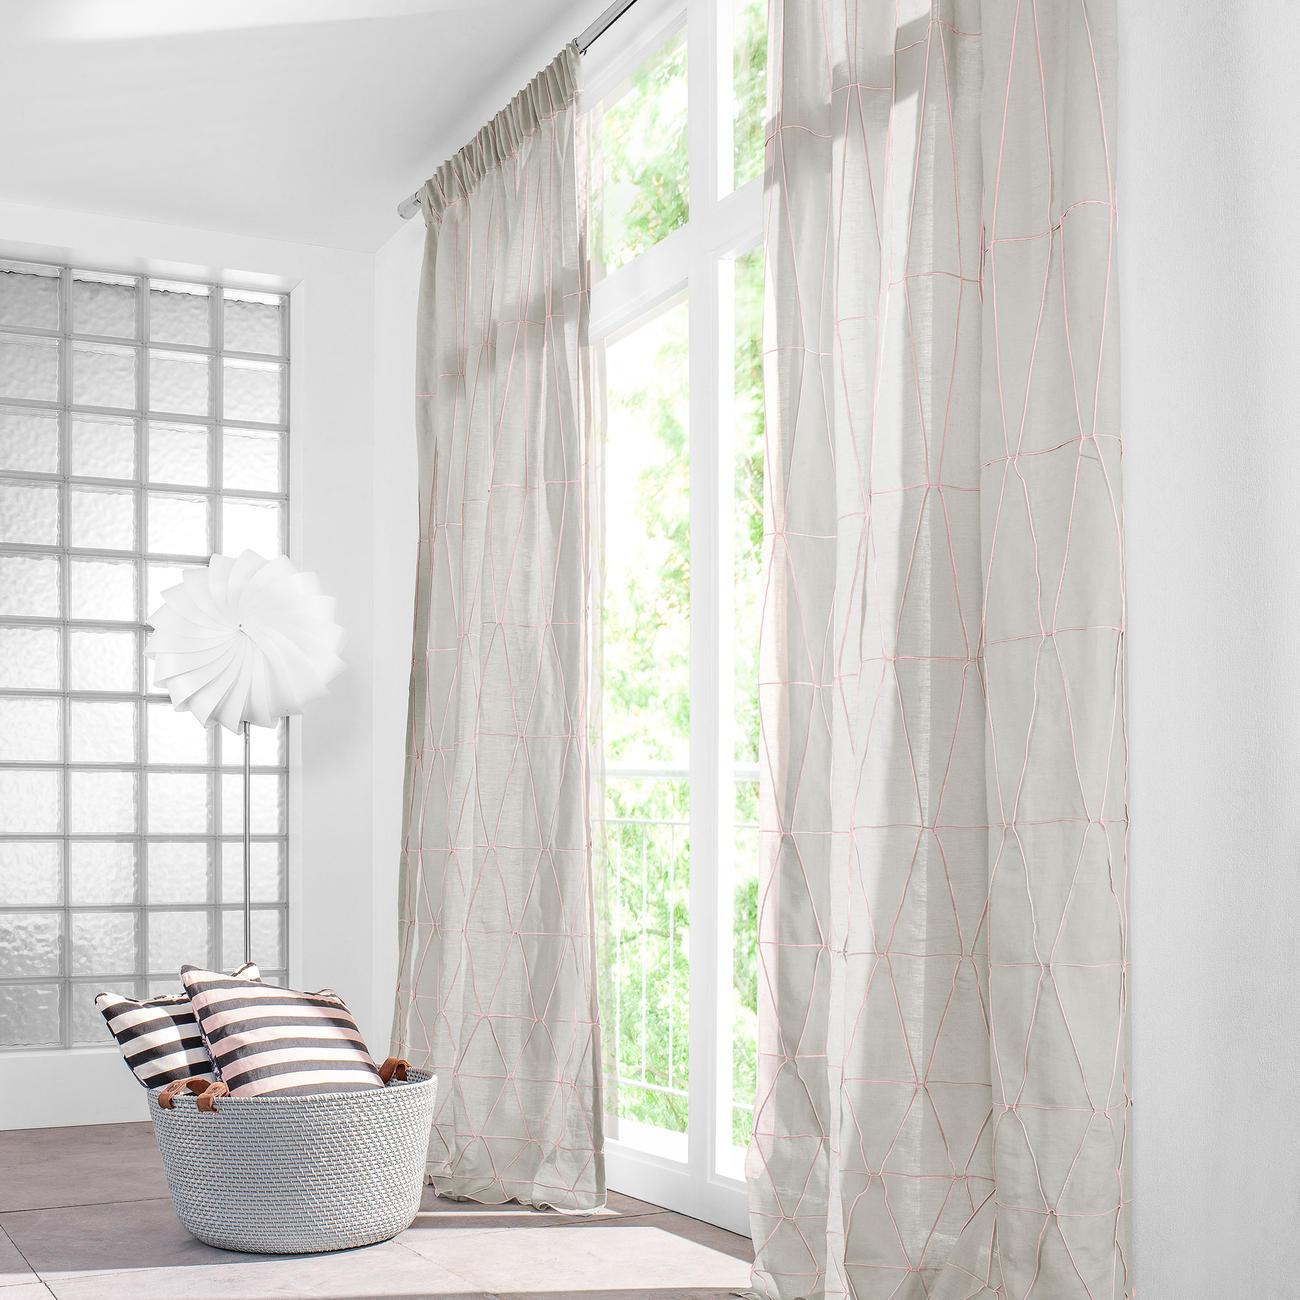 vorhang scalino 1 vorhang vorh nge online kaufen. Black Bedroom Furniture Sets. Home Design Ideas